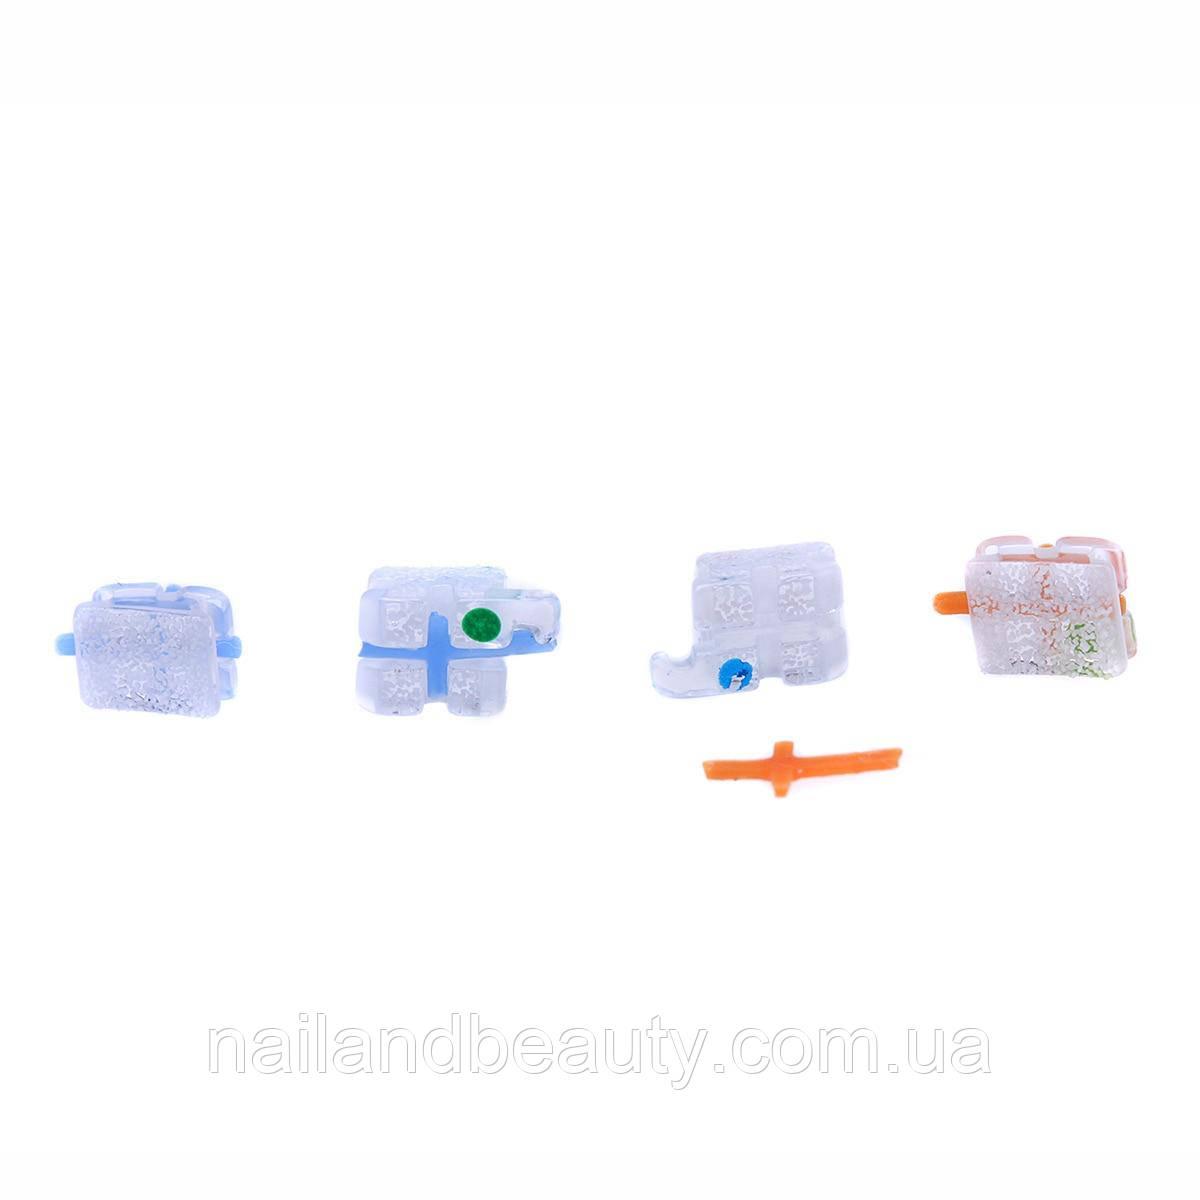 Стоматологическая Ортодонтическая щеточка монокристаллический сапфировый кронштейн подтяжки мини рот/MBT.022